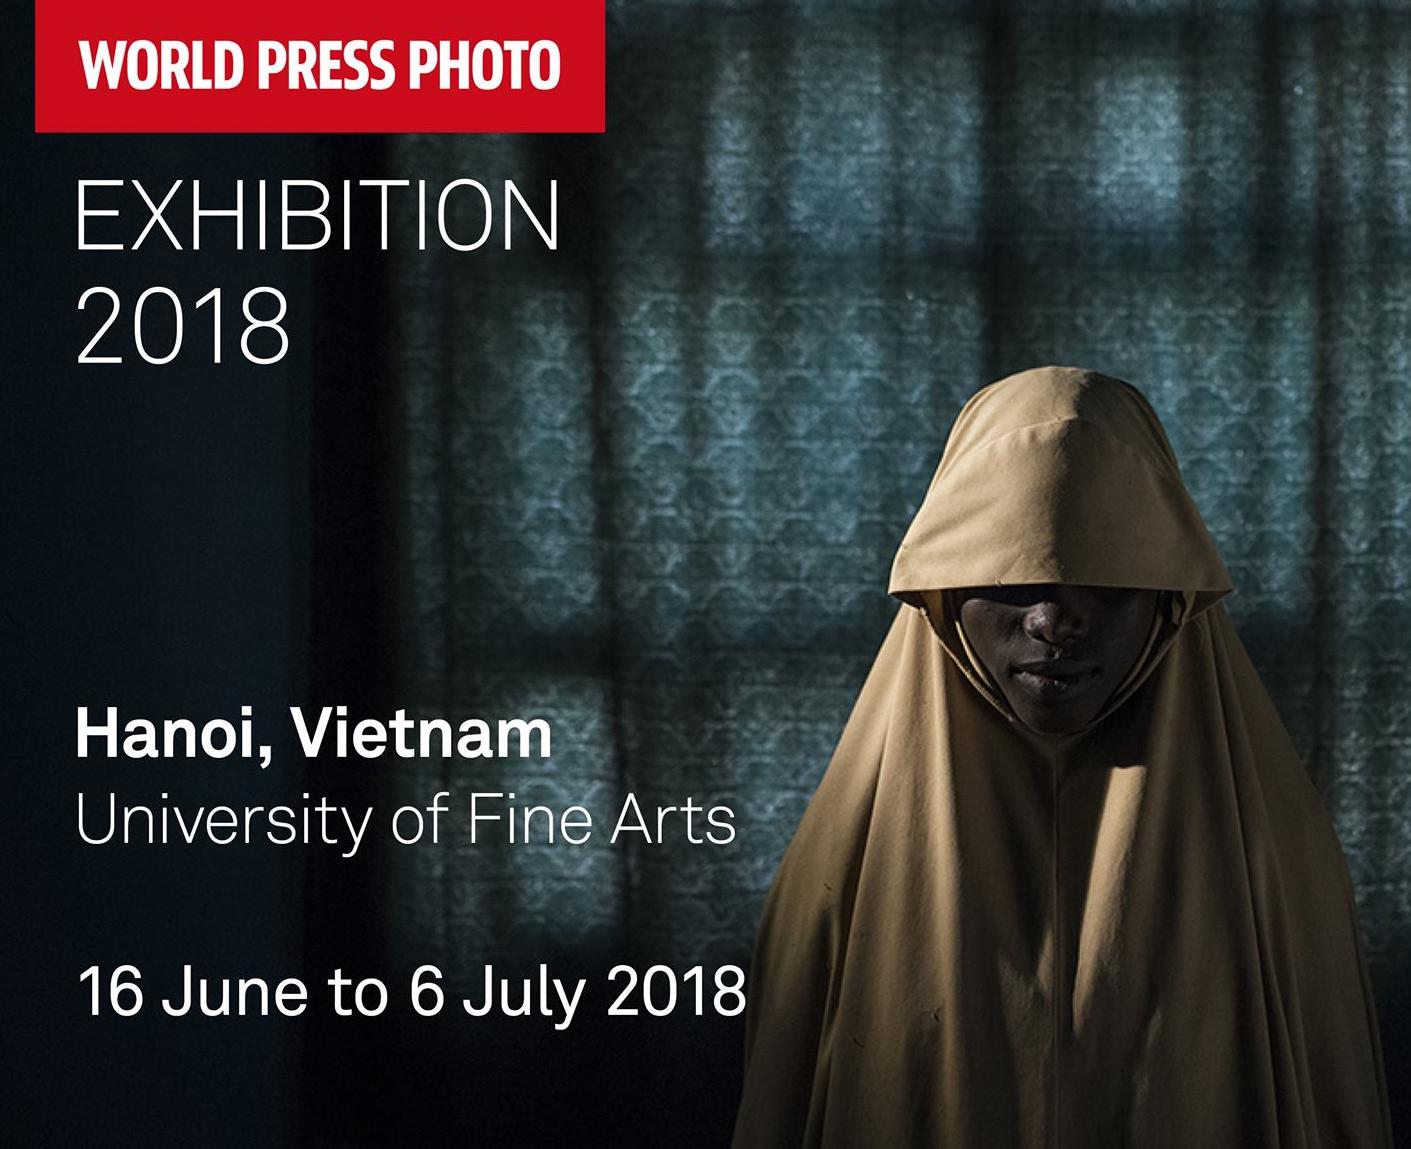 130 tác phẩm từ cuộc thi Ảnh Báo chí Thế giới do Canon tài trợ sẽ được tổ chức triển lãm tại Hà Nội